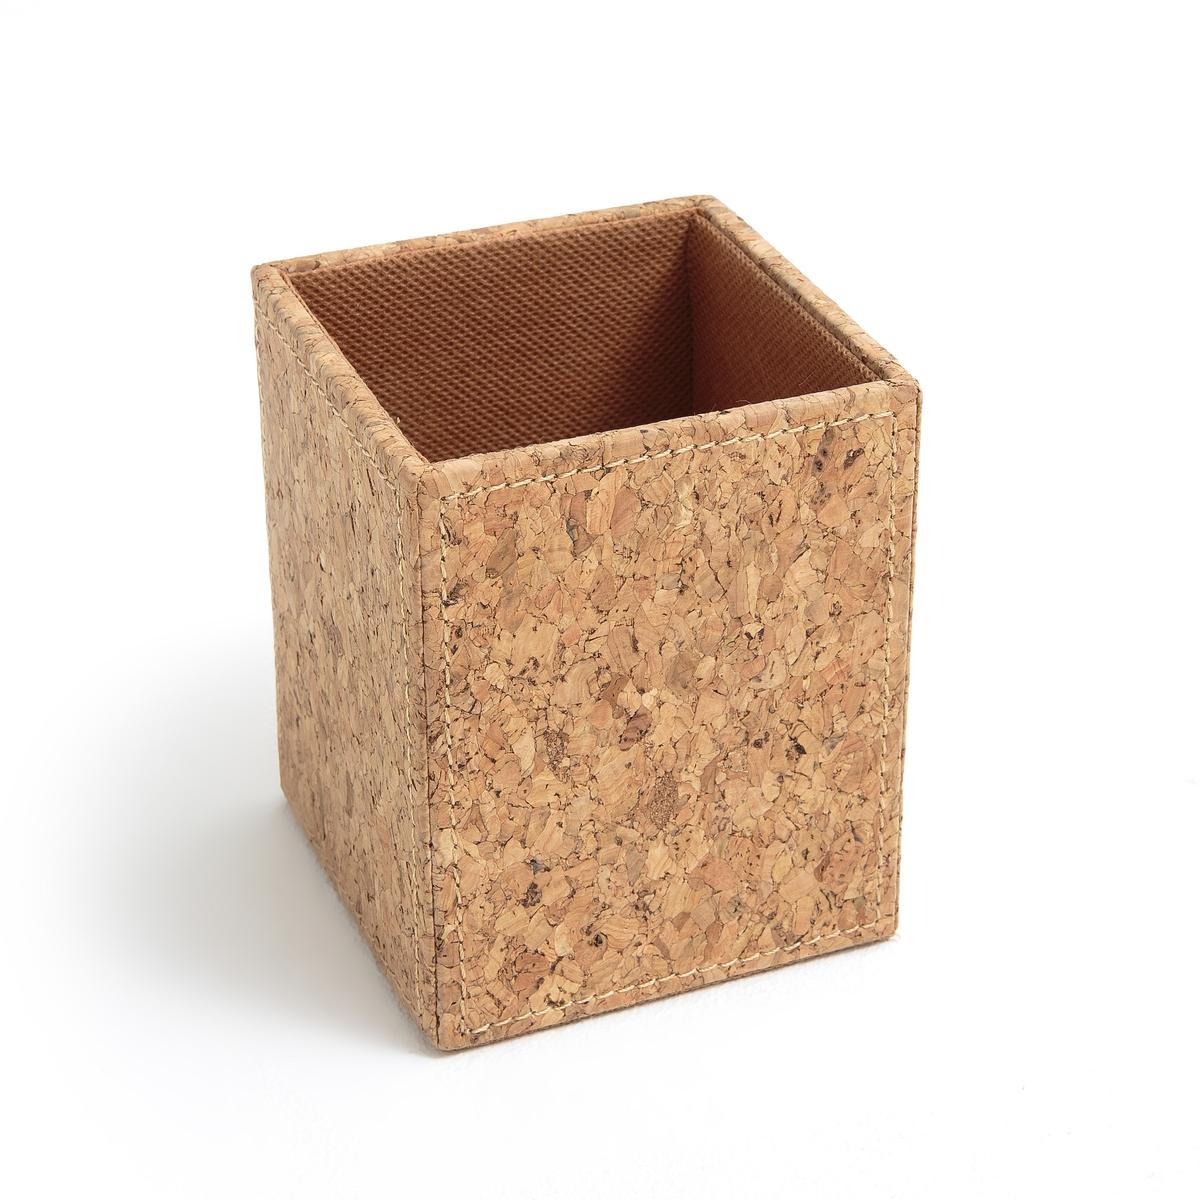 Банка для карандашей из пробкиОписание:Банка для карандашей из пробки . Необходимый аксессуар на письменном столе !Описание банки для карандашей  : Банка из пробкиКаркас из картона Подкладка из полиэстера Размеры :H10,5 x 8,5 x 8,5 см Расцветка : Натуральная Размеры и вес упаковки :11 x 11 x H13 см 400 г<br><br>Цвет: серо-бежевый